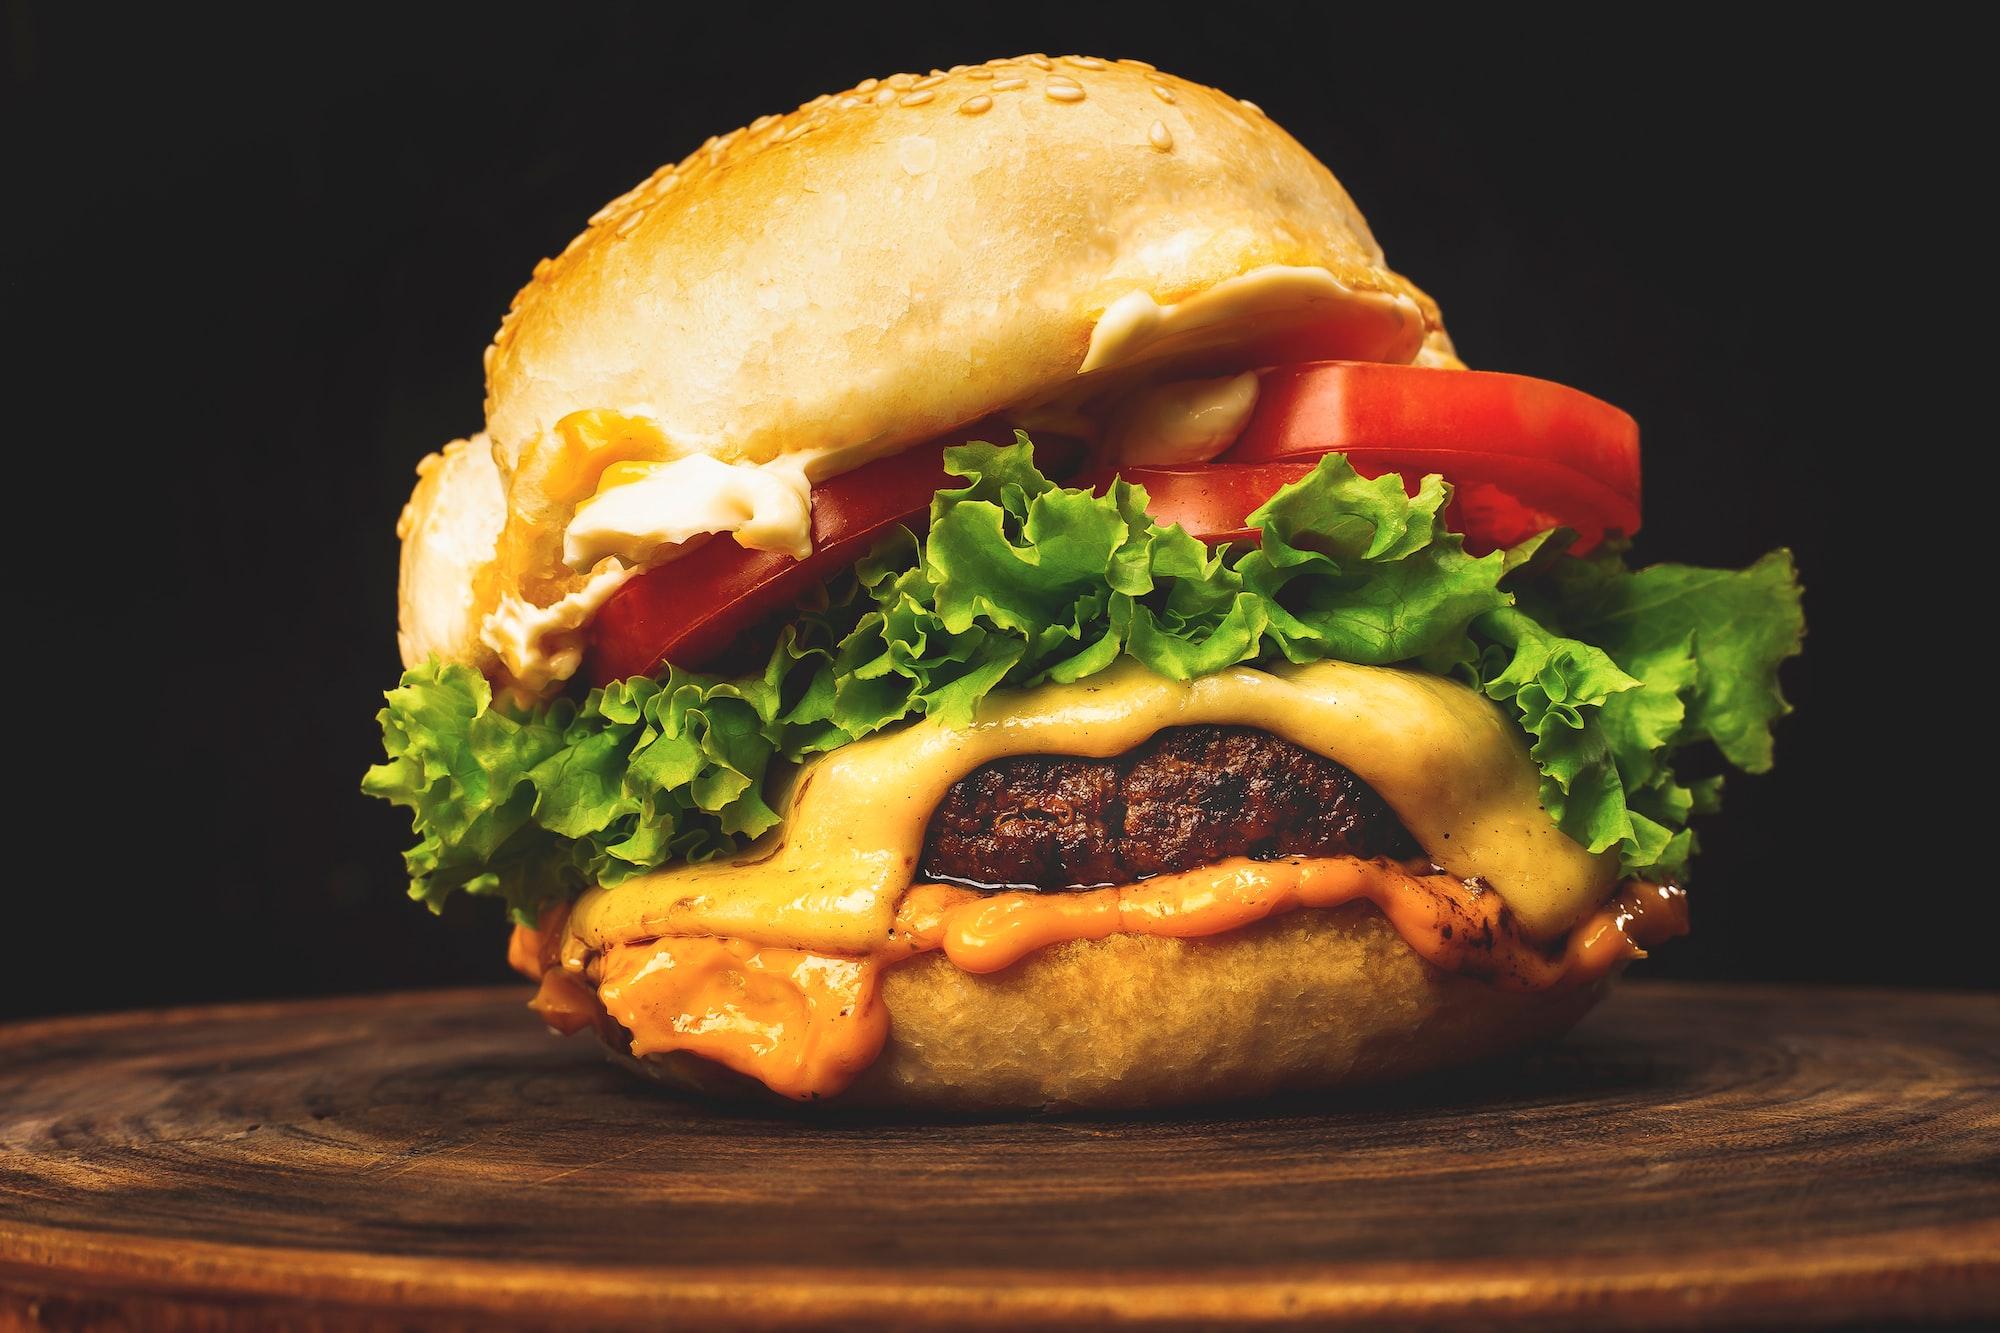 จำนวนของ Big Mac ที่คุณสามารถซื้อได้ด้วย 1 BTC